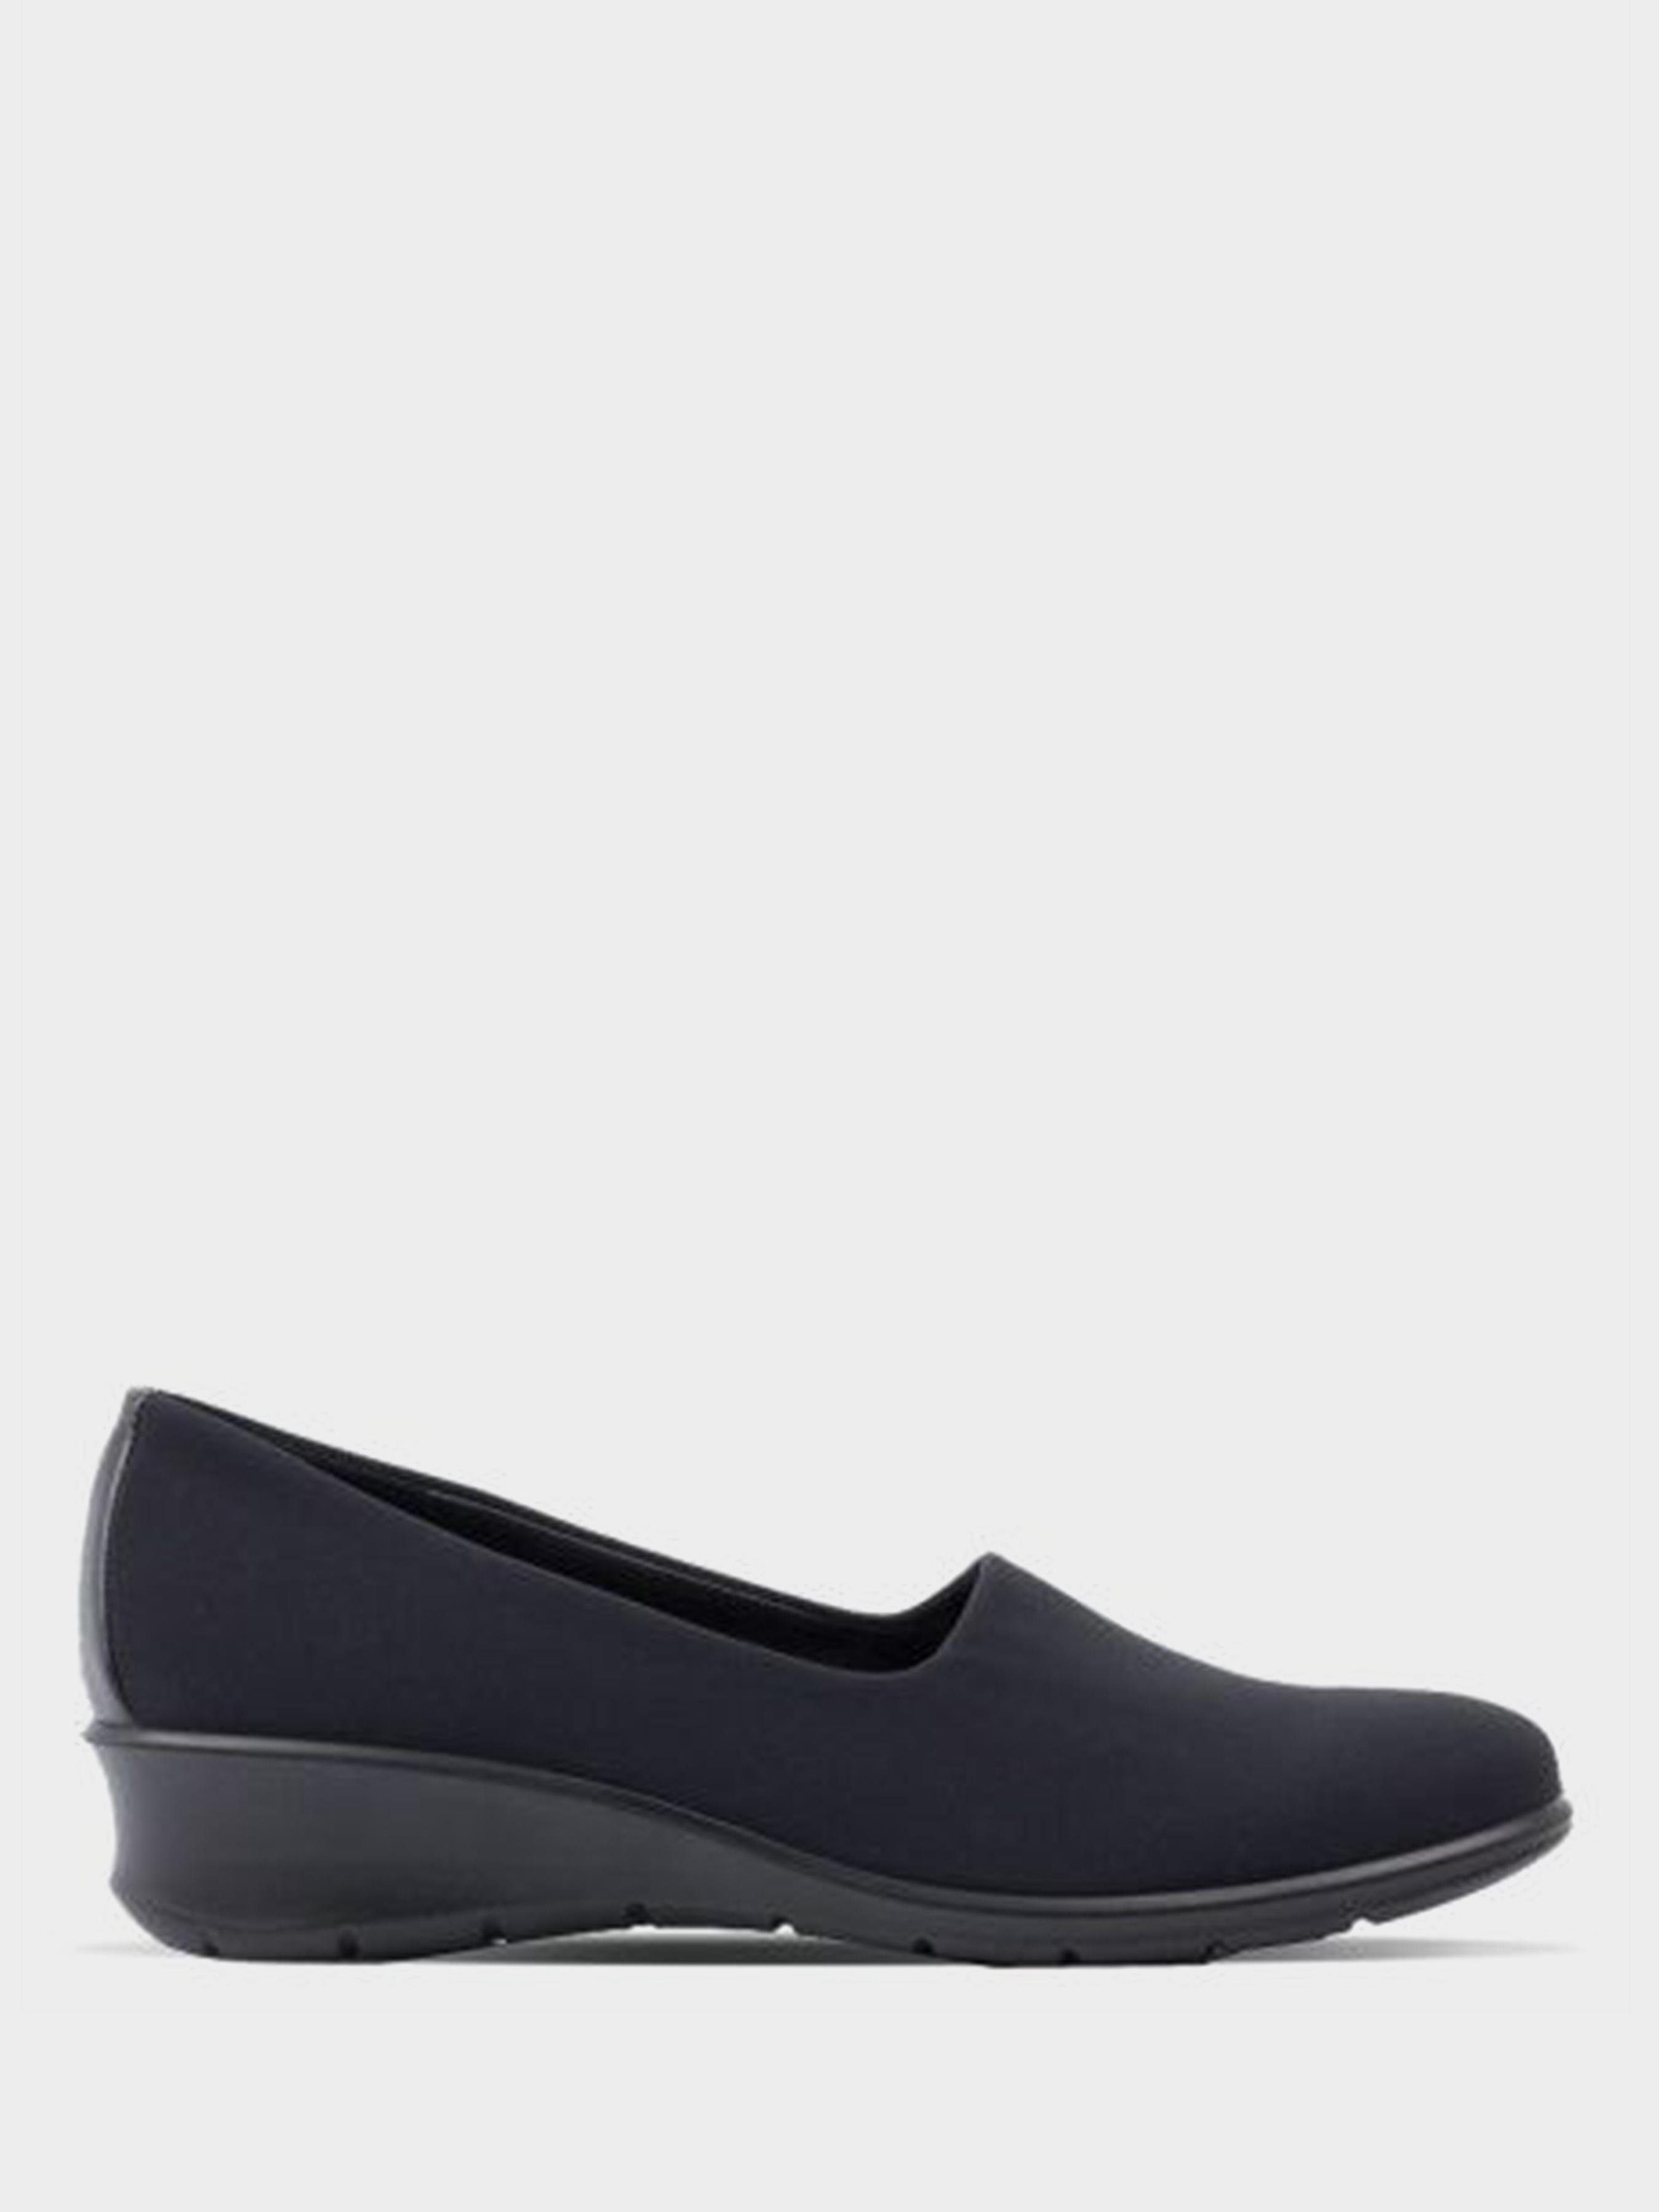 Полуботинки женские ECCO FELICIA ZW5199 брендовая обувь, 2017